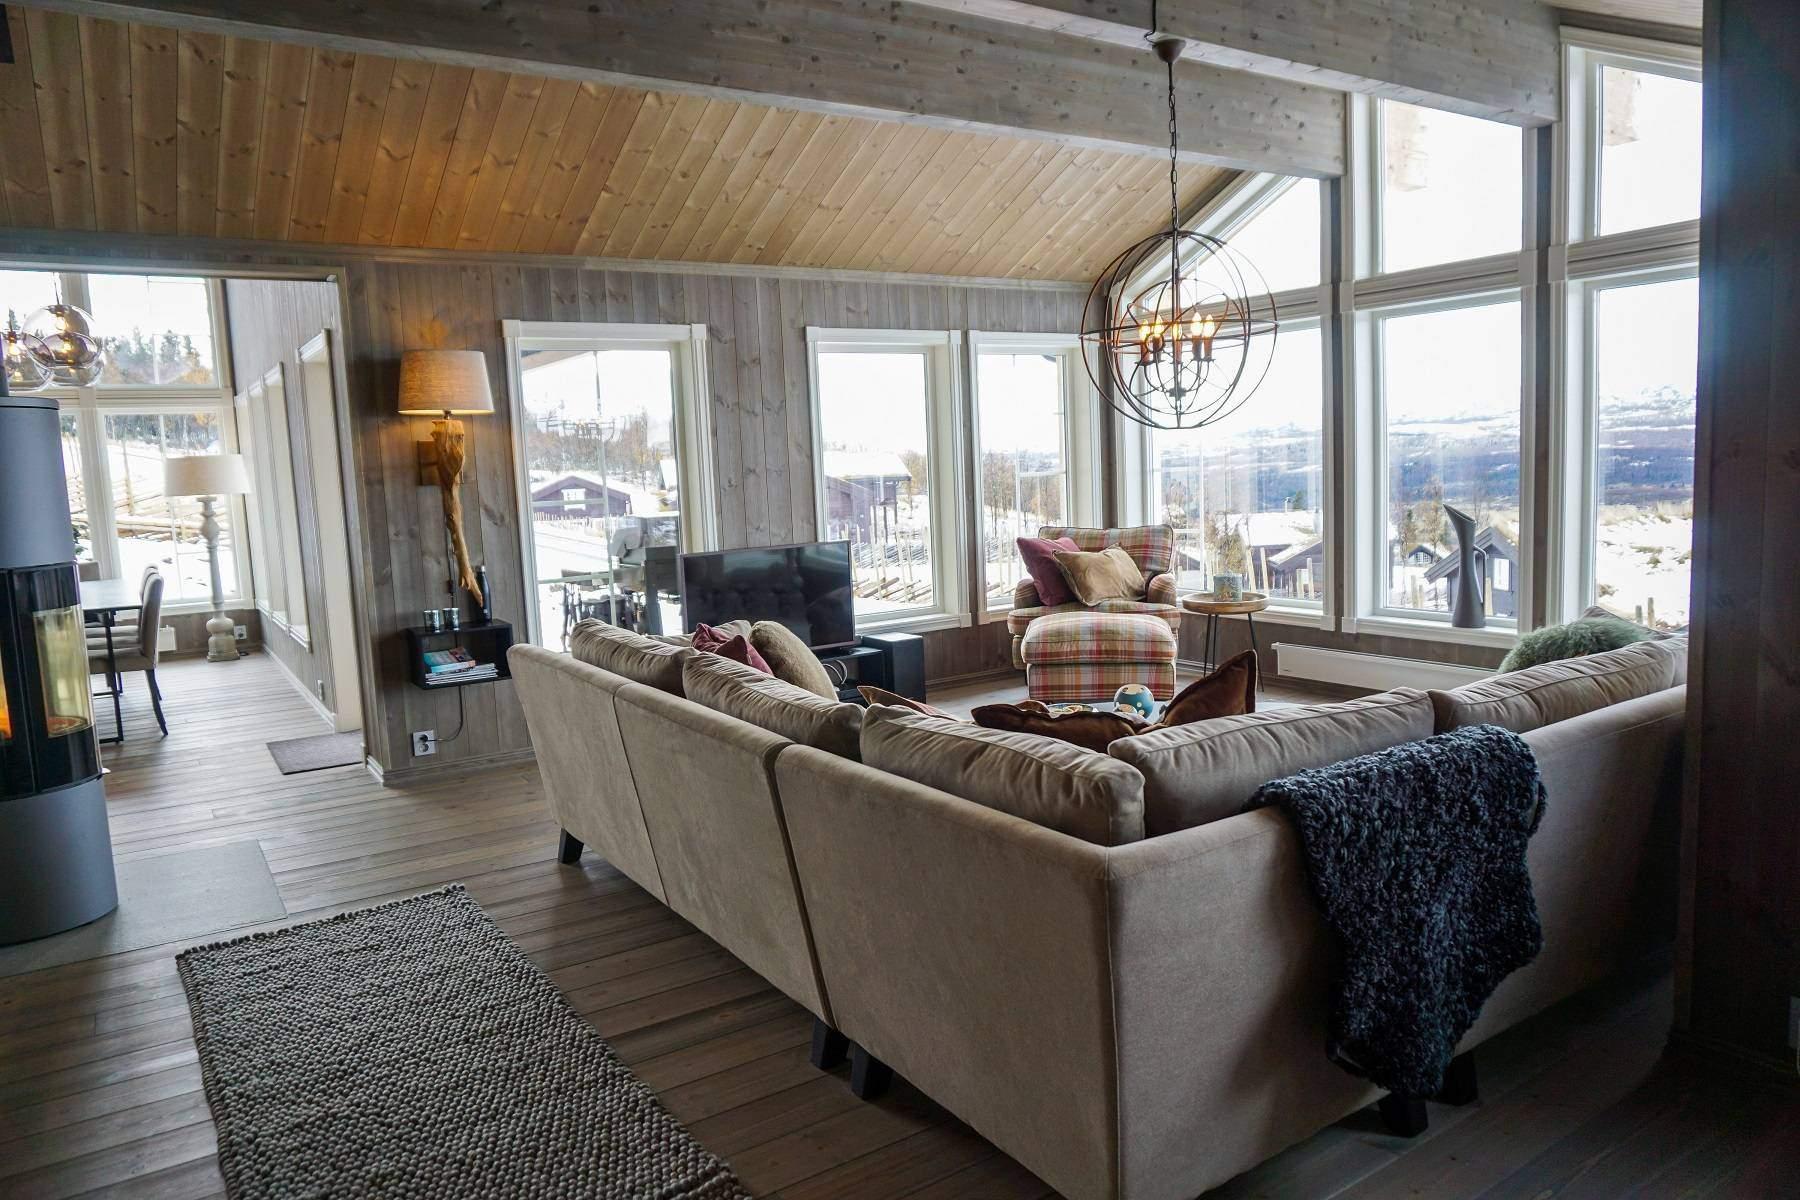 221 Hyttemodell Hytte Strynsfjell 122 Tiurtoppen Hytter. Mot stua og spisestua